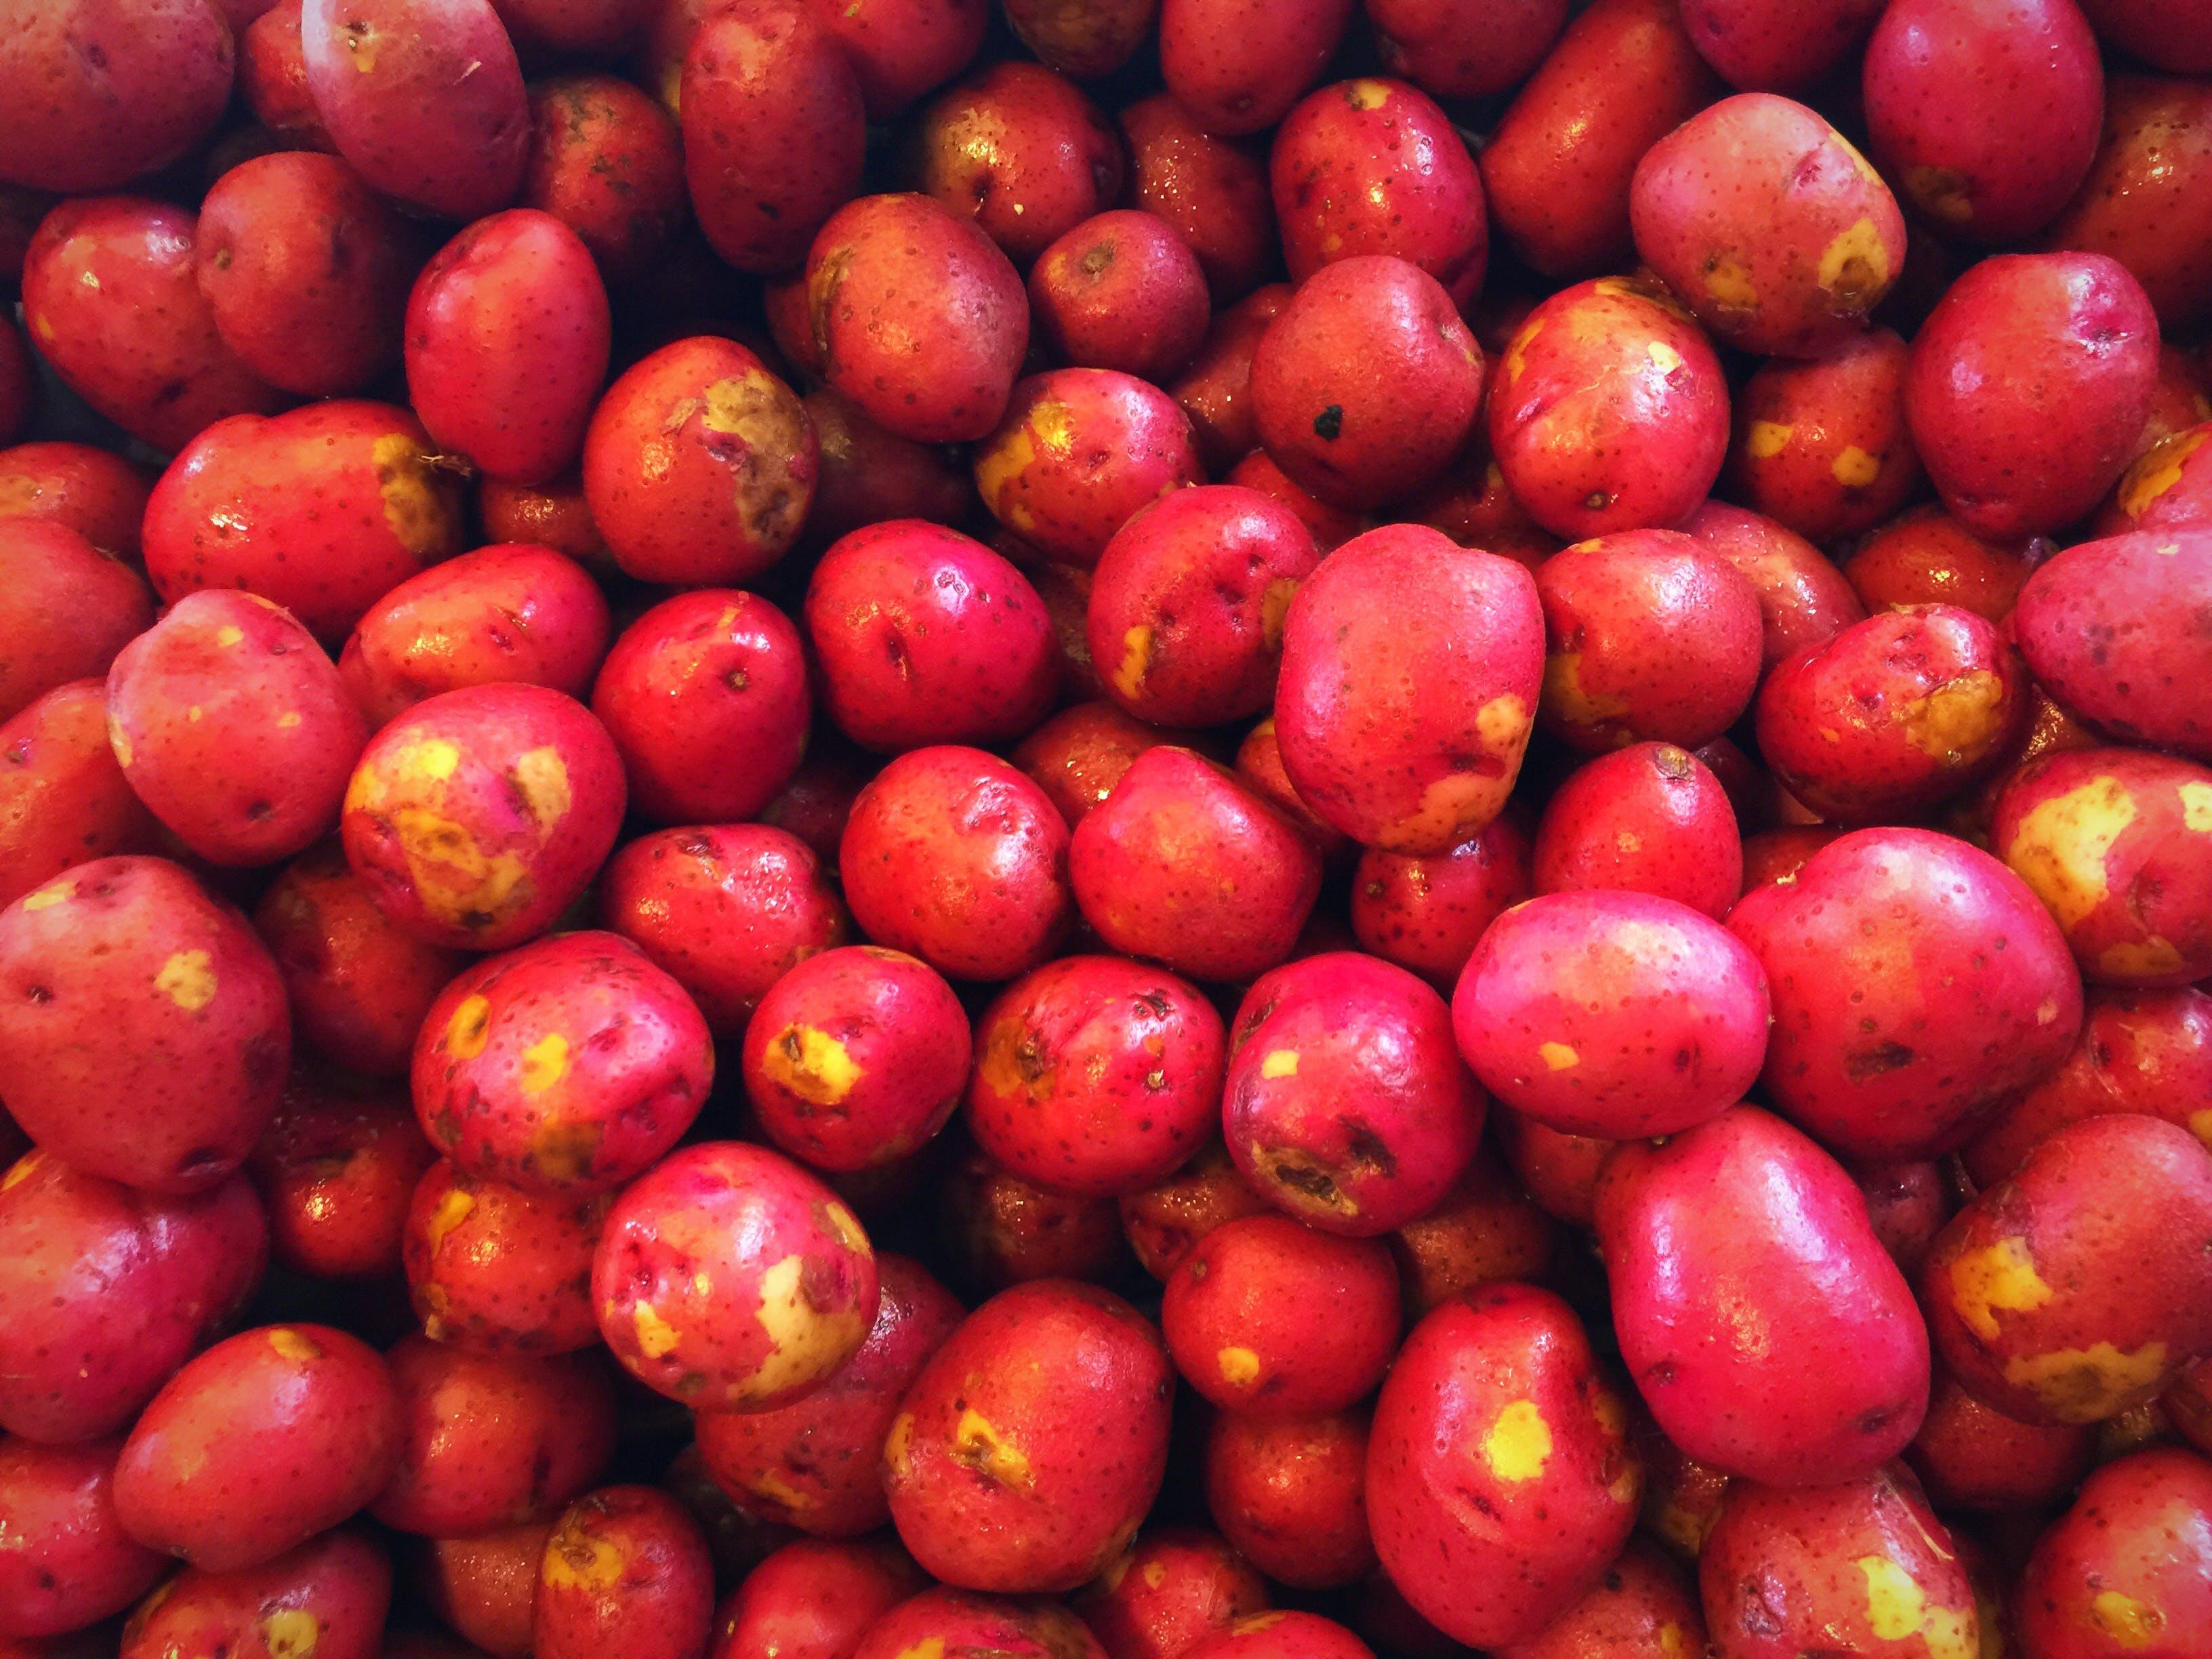 Free stock photo of farm, market, potatoes, produce